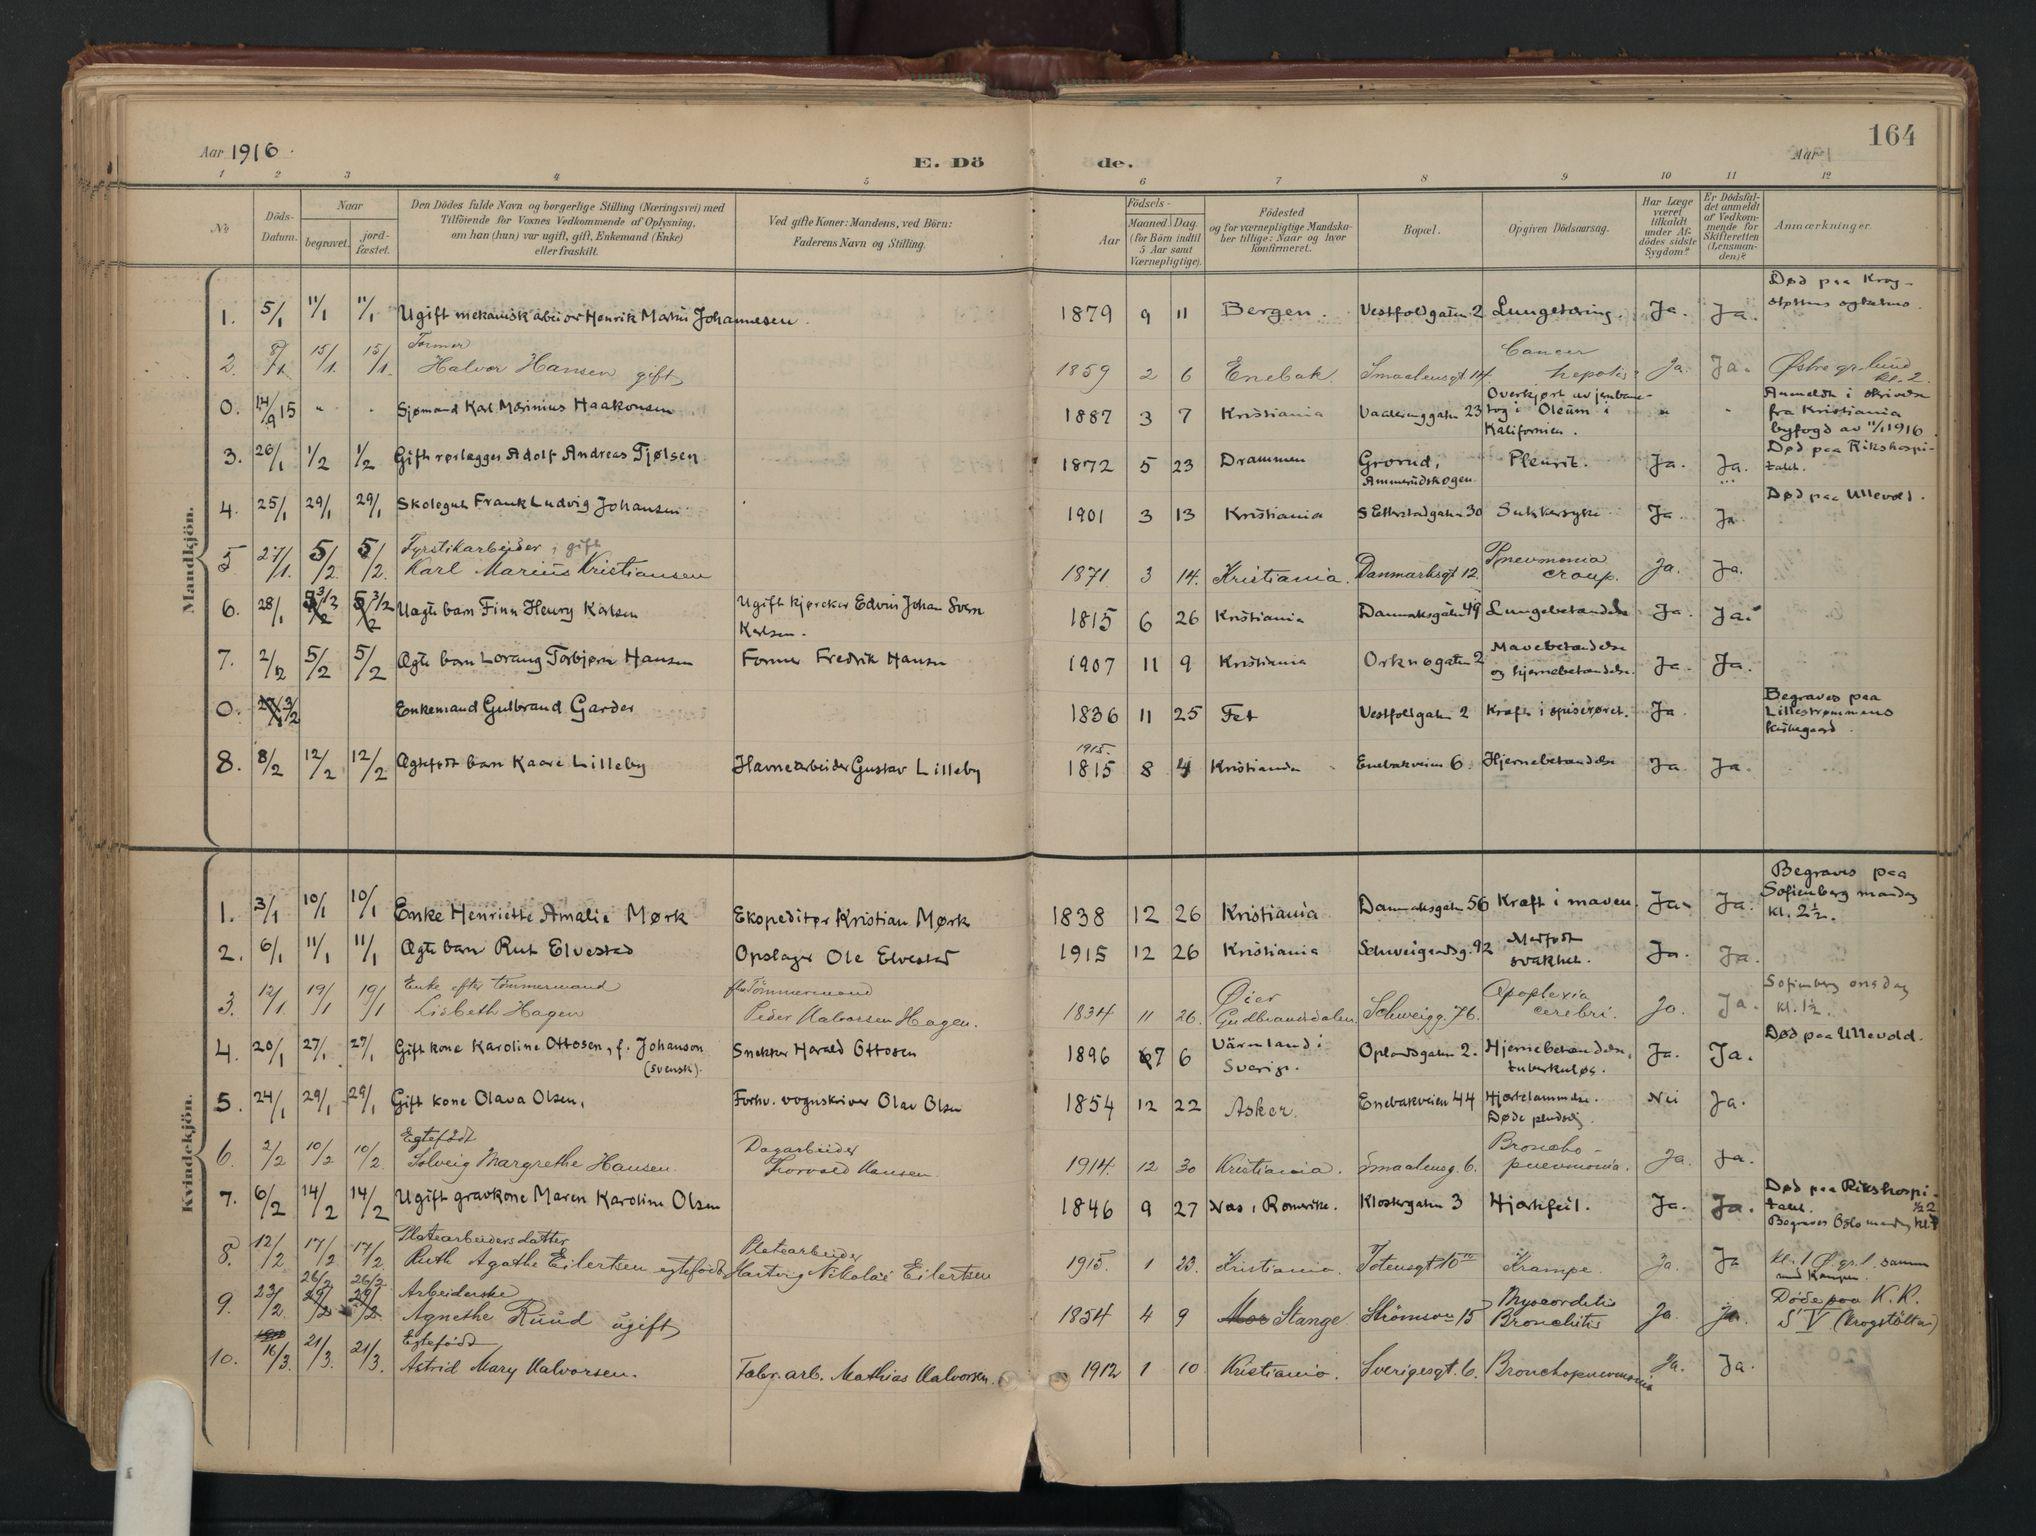 SAO, Vålerengen prestekontor Kirkebøker, F/Fa/L0003: Ministerialbok nr. 3, 1899-1930, s. 164